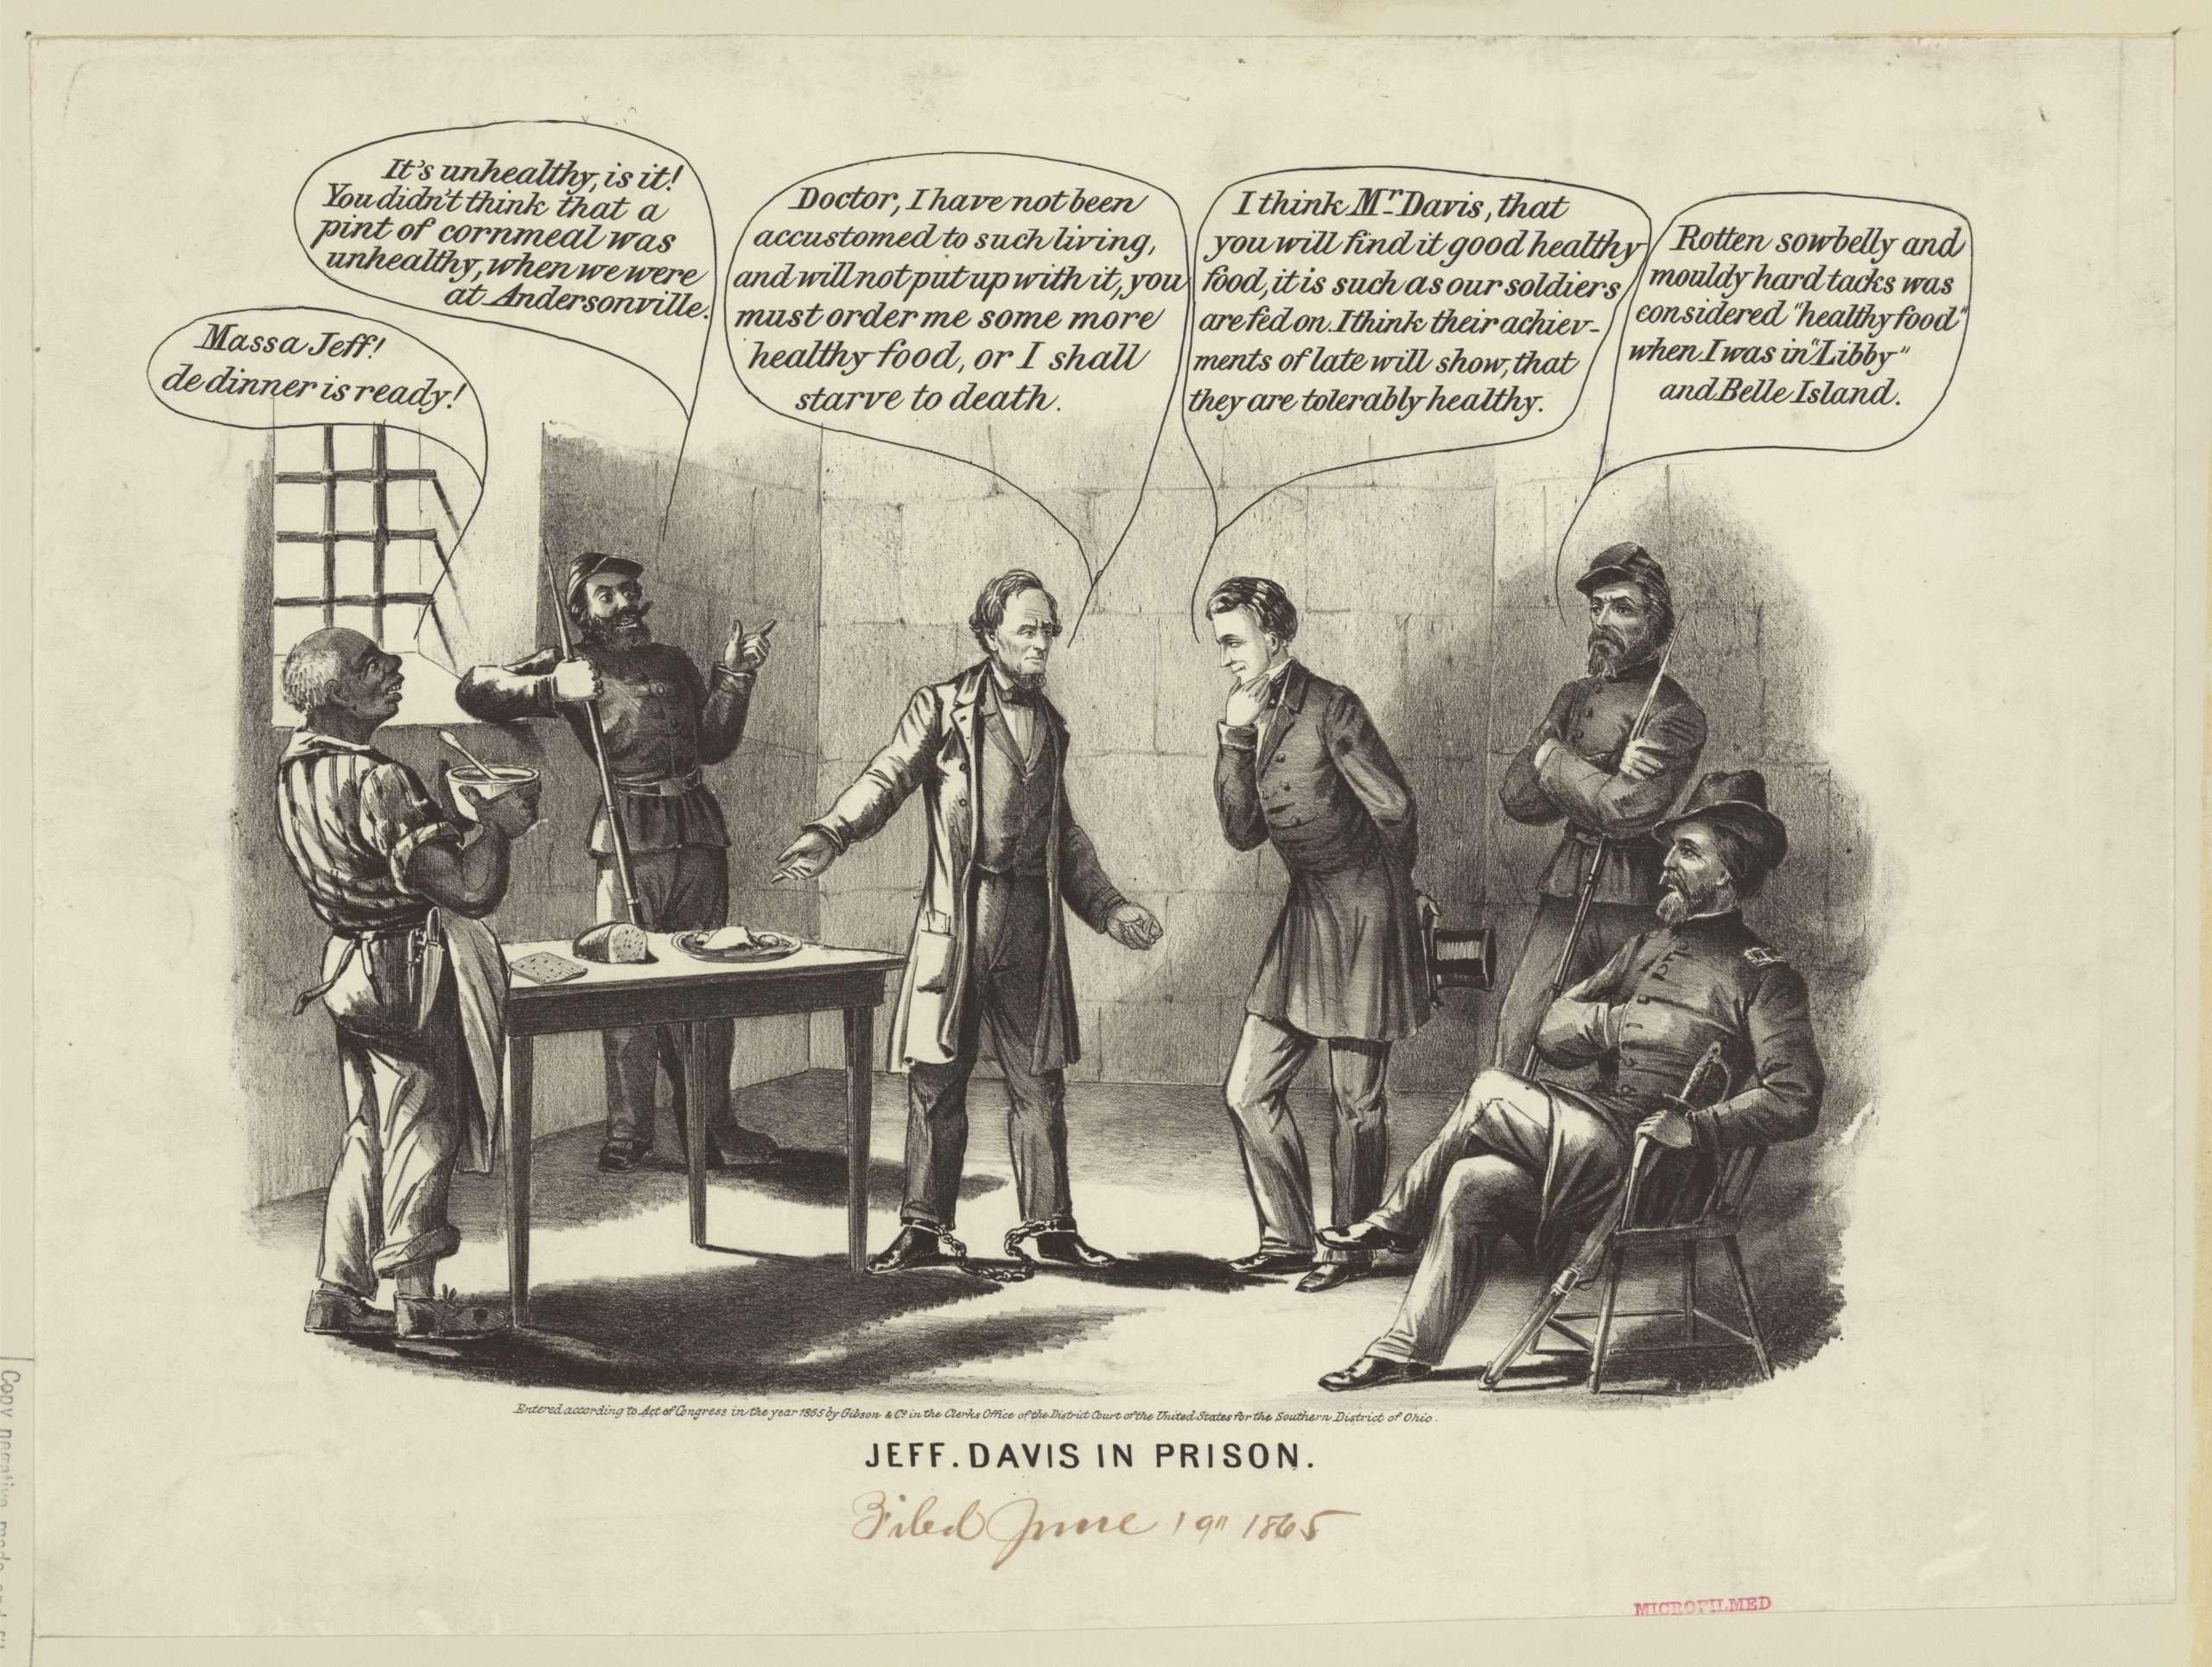 Jeff. Davis in Prison